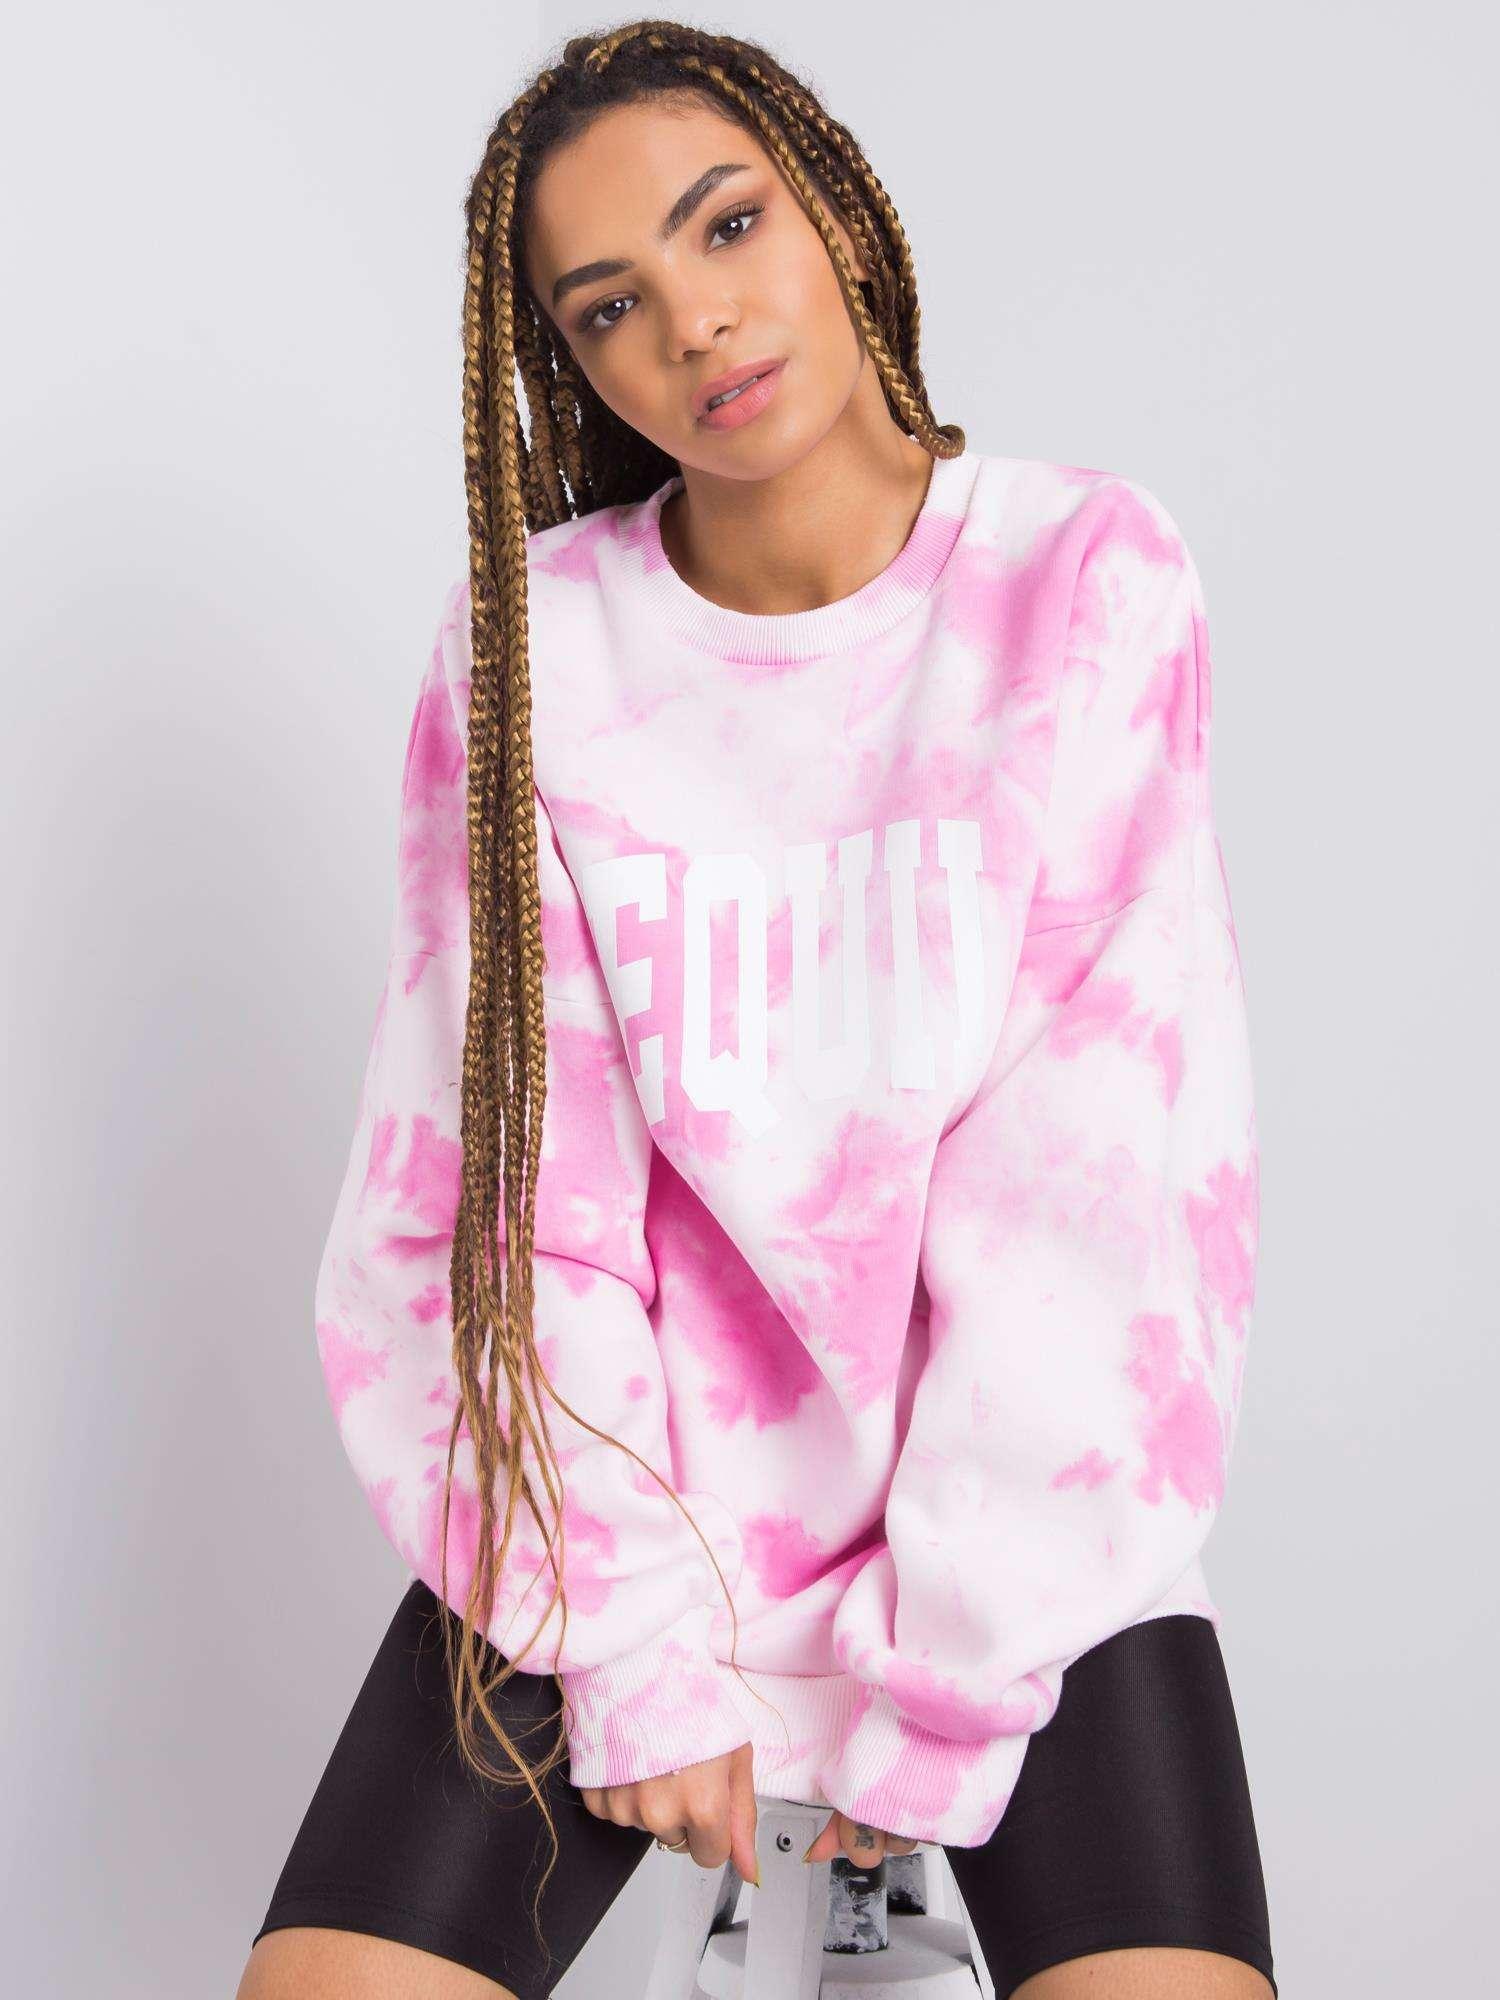 Sweatshirt in Rosa Weiß Tie-Dye Vorderansicht